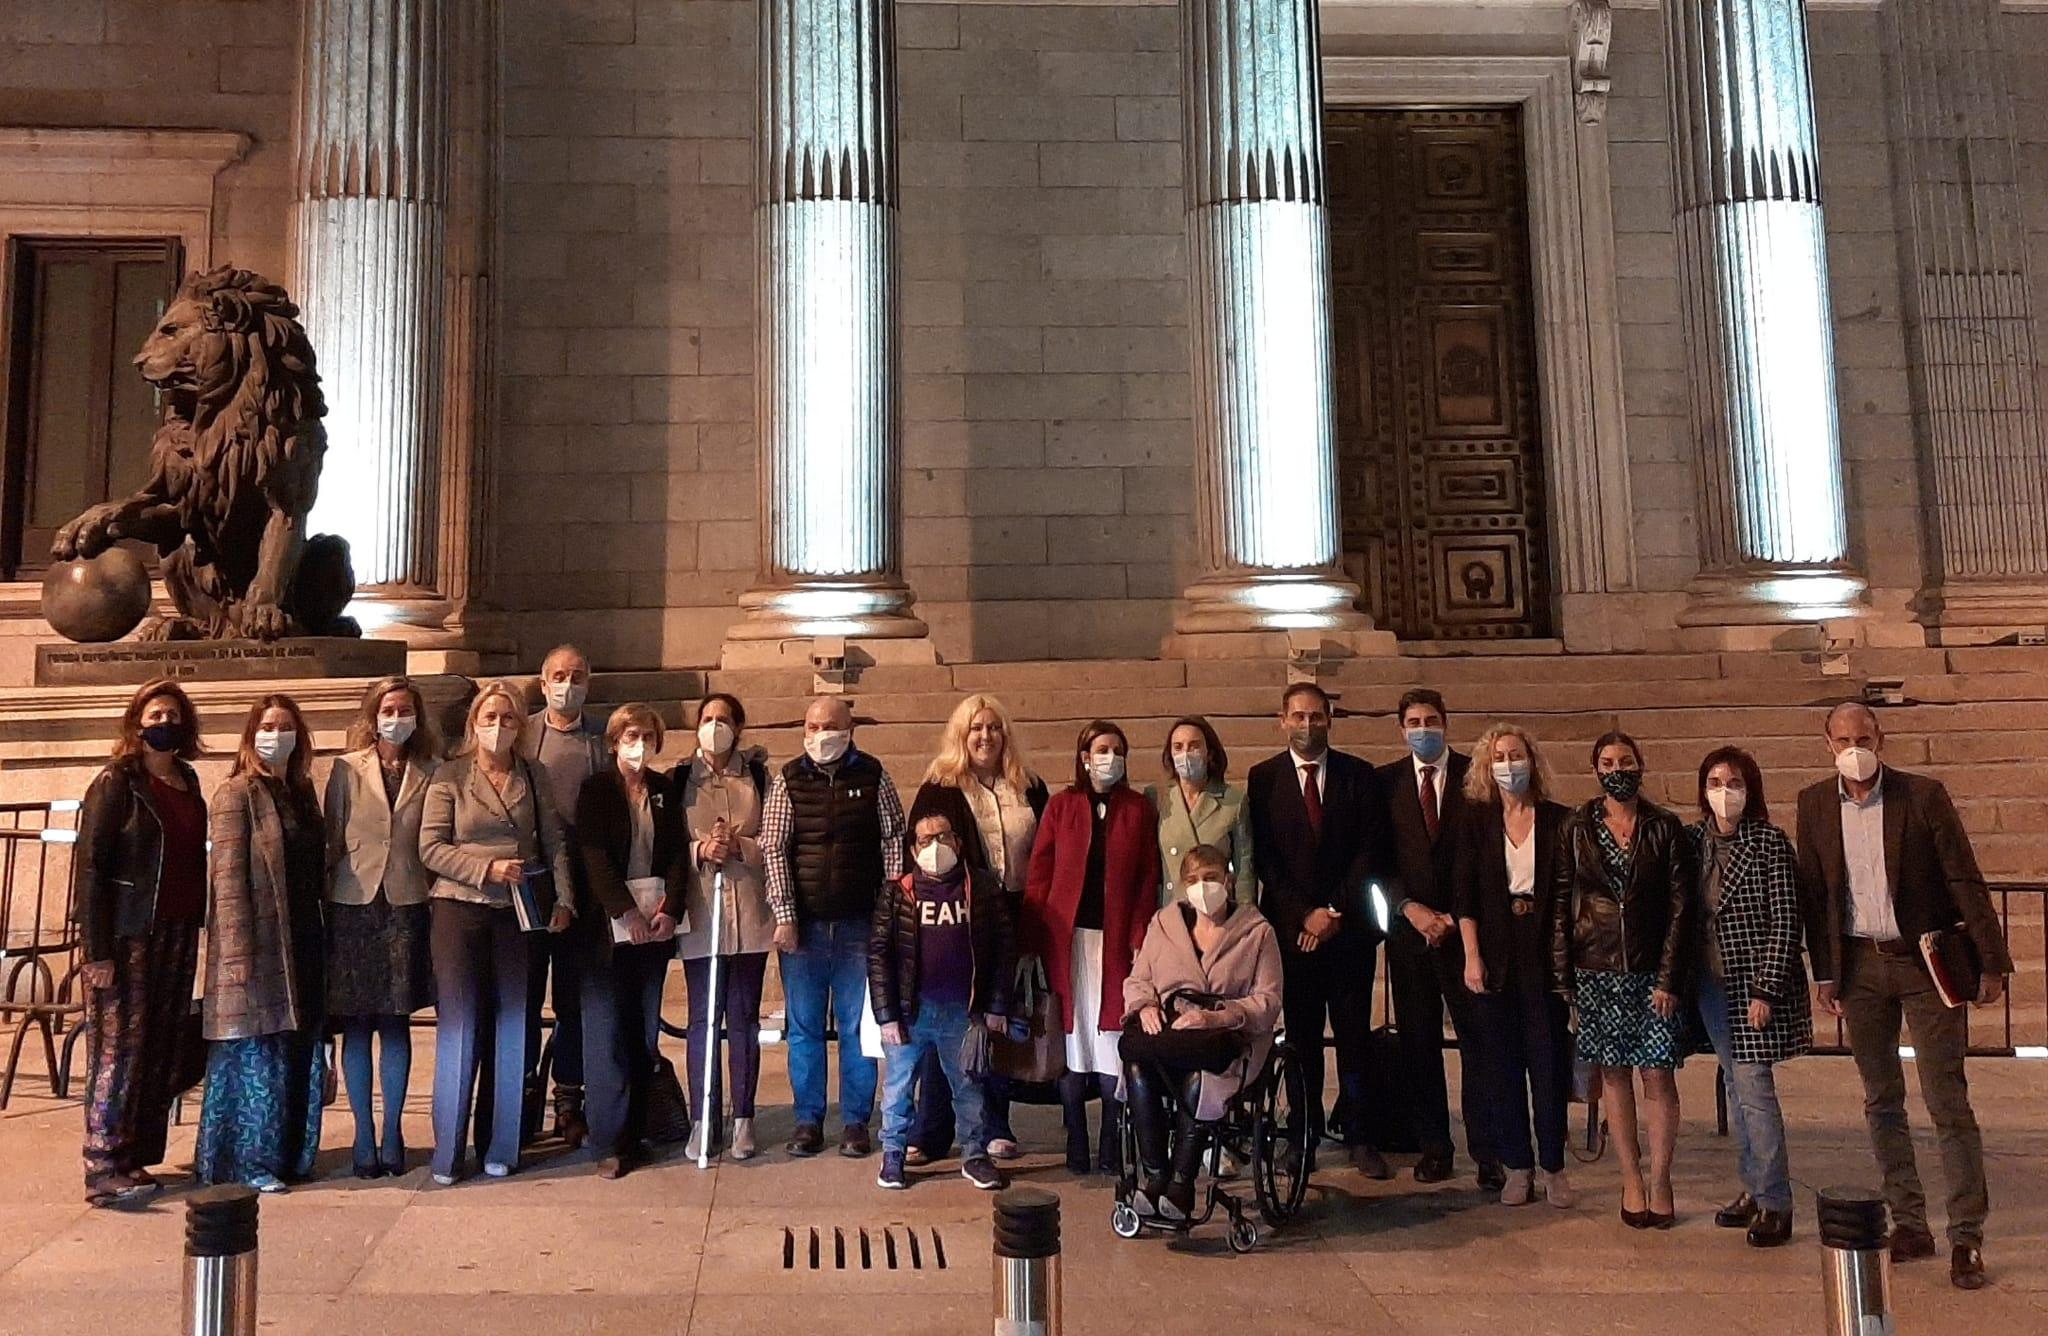 Ir a : Hoy el Congreso, al prohibir las esterilizaciones forzadas, restaura un derecho fundamental de las personas con discapacidad negado durante décadas